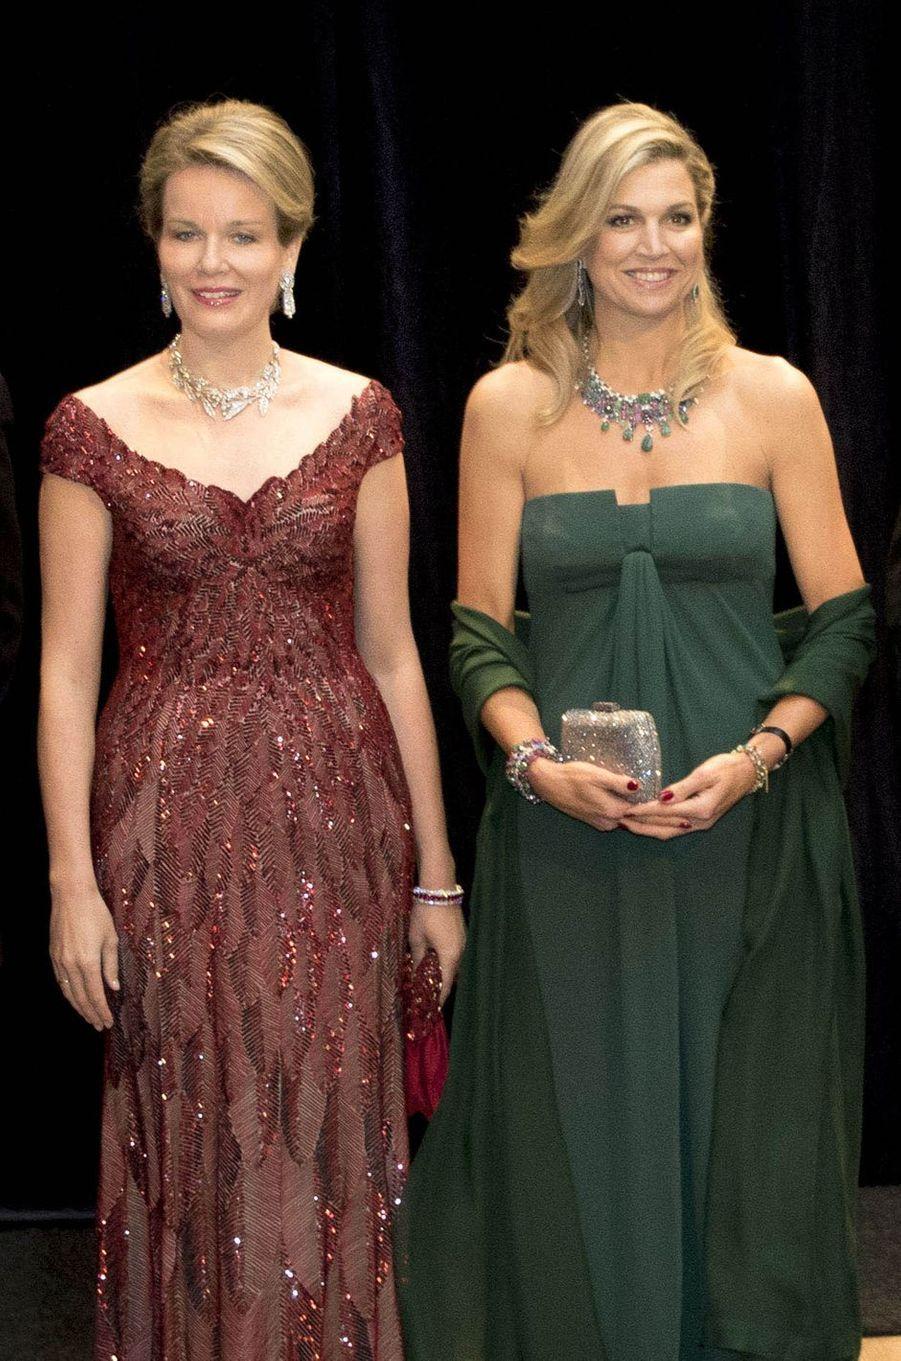 Les reines Mathilde de Belgique et Maxima des Pays-Bas à Amsterdam, le 29 novembre 2016